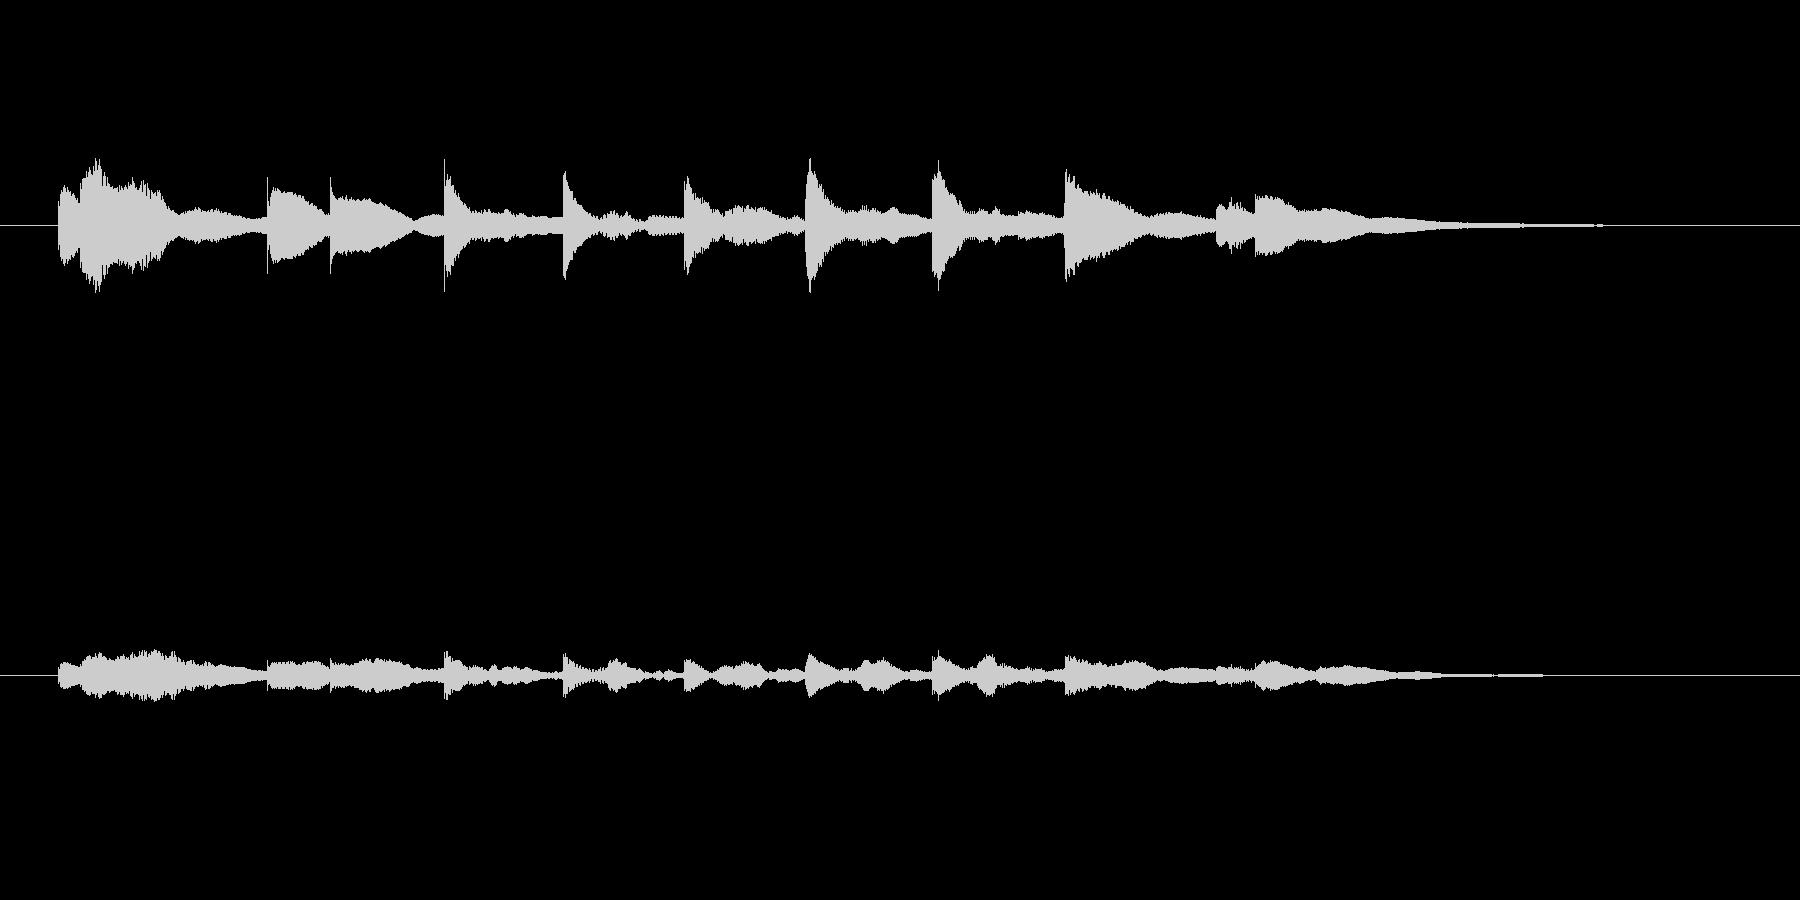 おしまいの合図~オルゴールの未再生の波形